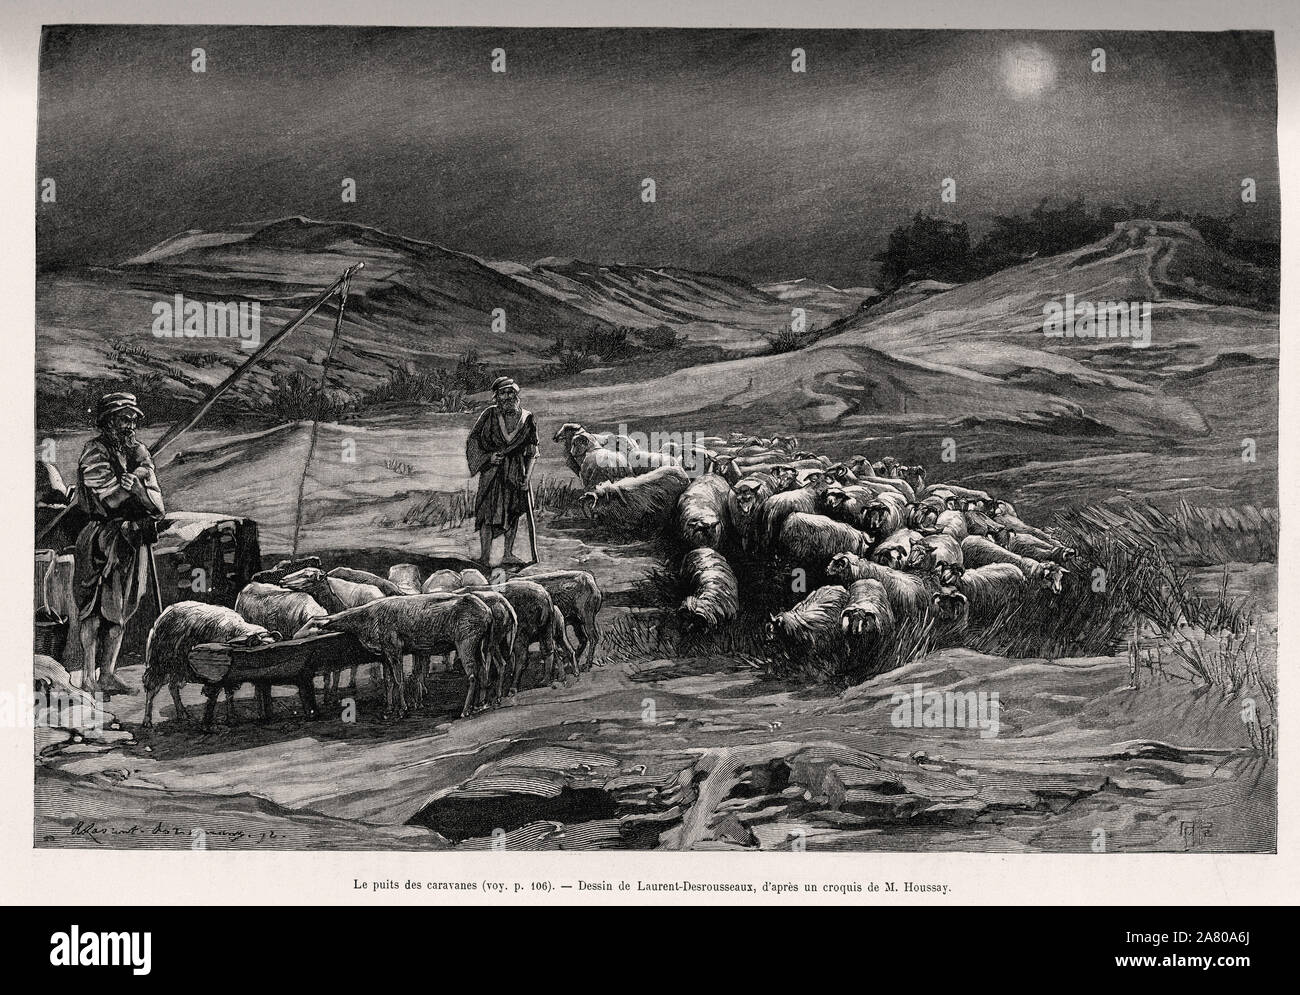 """Le puits des caravanes. Gravure de Laurent Desrousseaux pour illustrer le recit """"A travers la Perse meridionale"""", par le C.Babin et F.Houssay, en 1885 Stock Photo"""